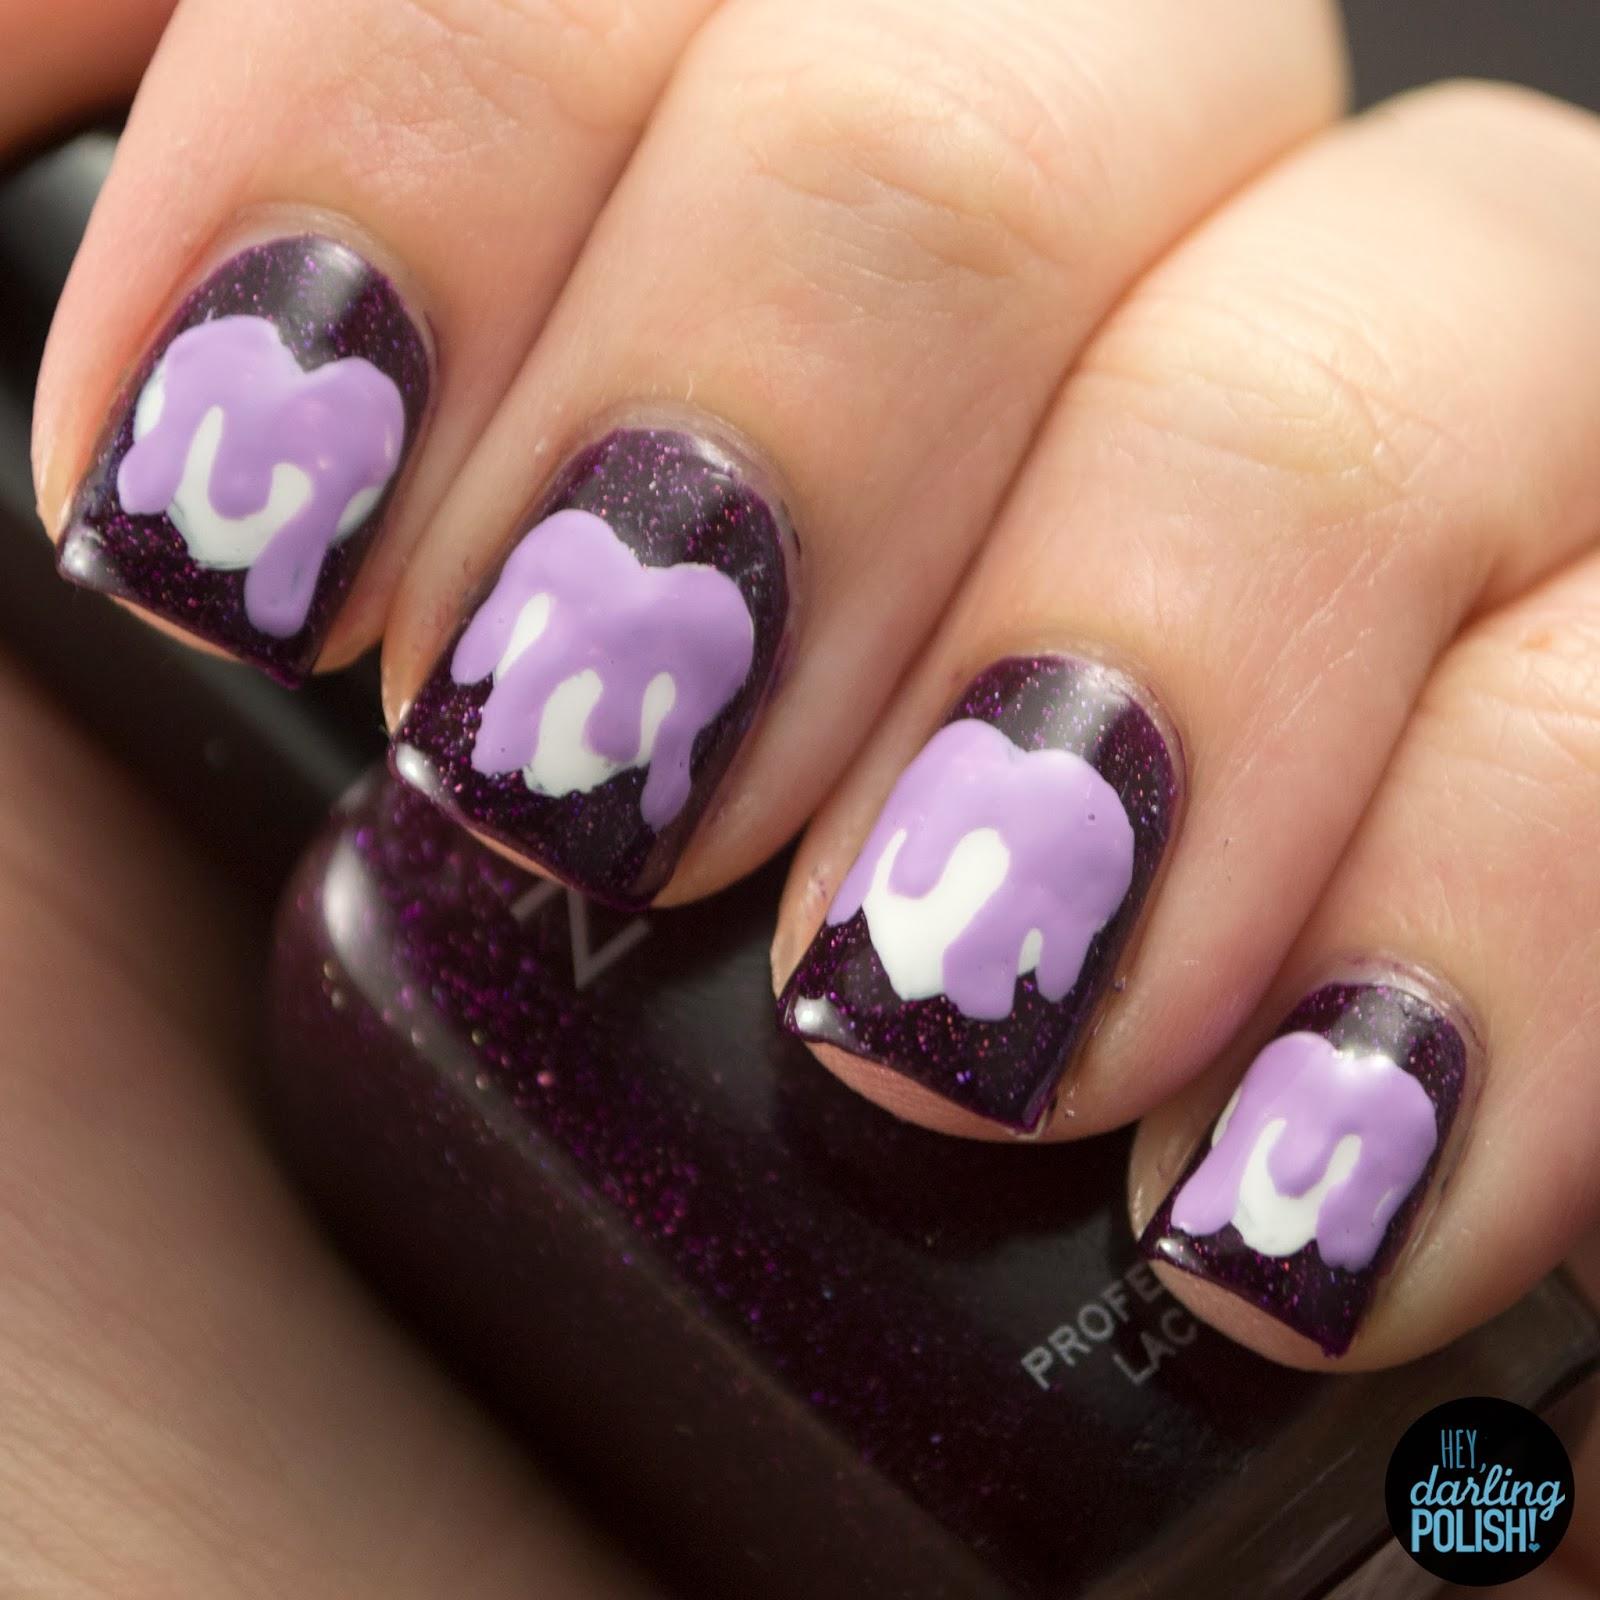 nails, nail art, nail polish, polish, hearts, purple, nail art a go go, slime, drips, hey darling polish